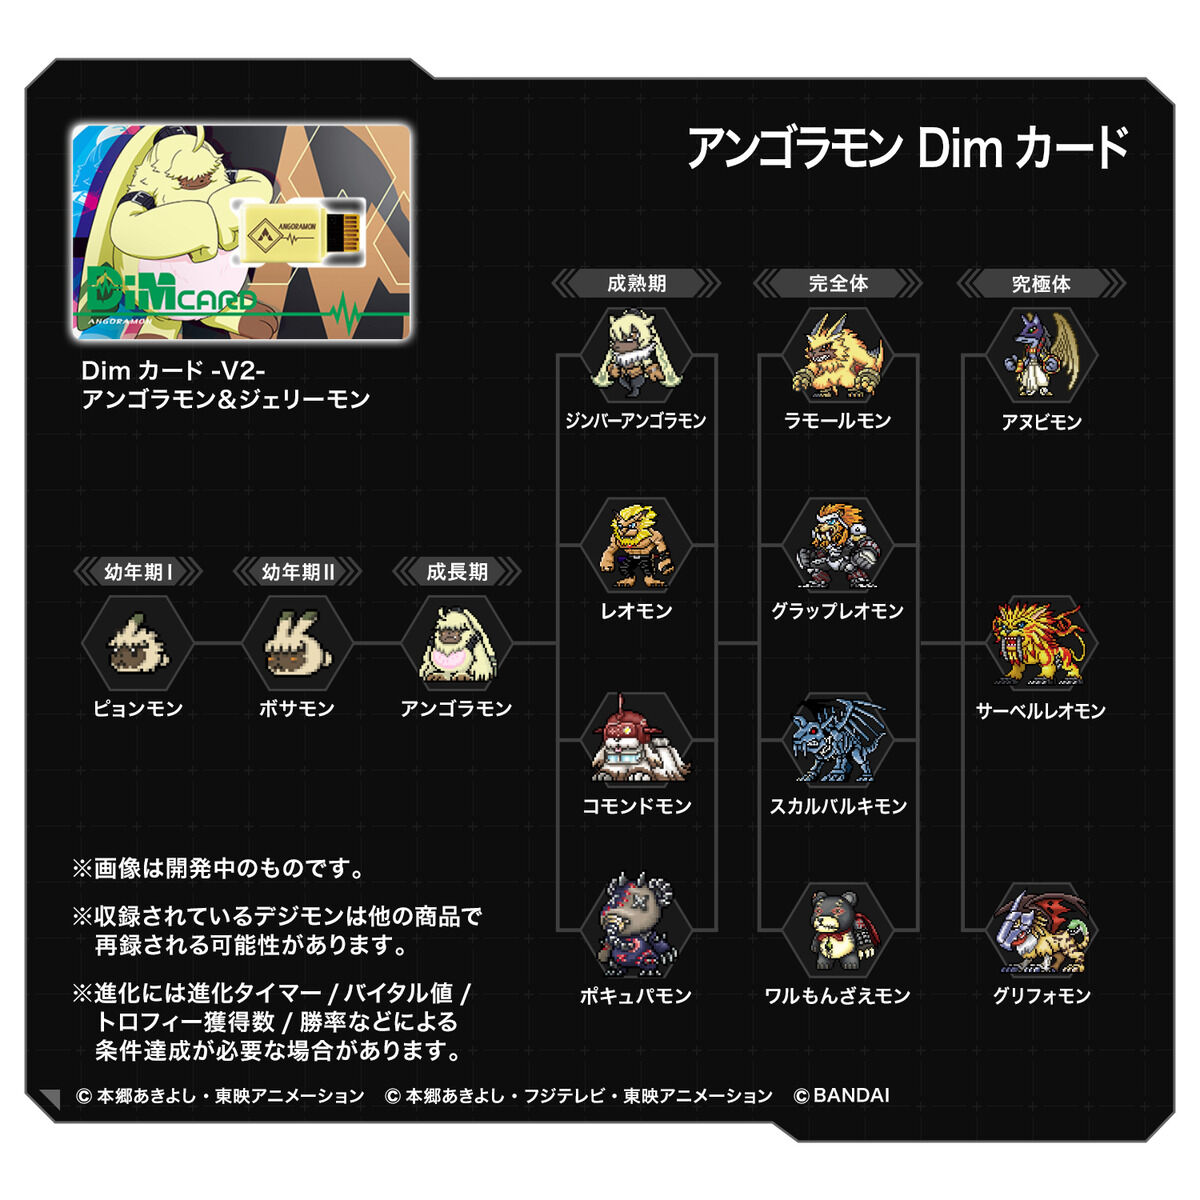 Dimカード-V2- アンゴラモン&ジェリーモン